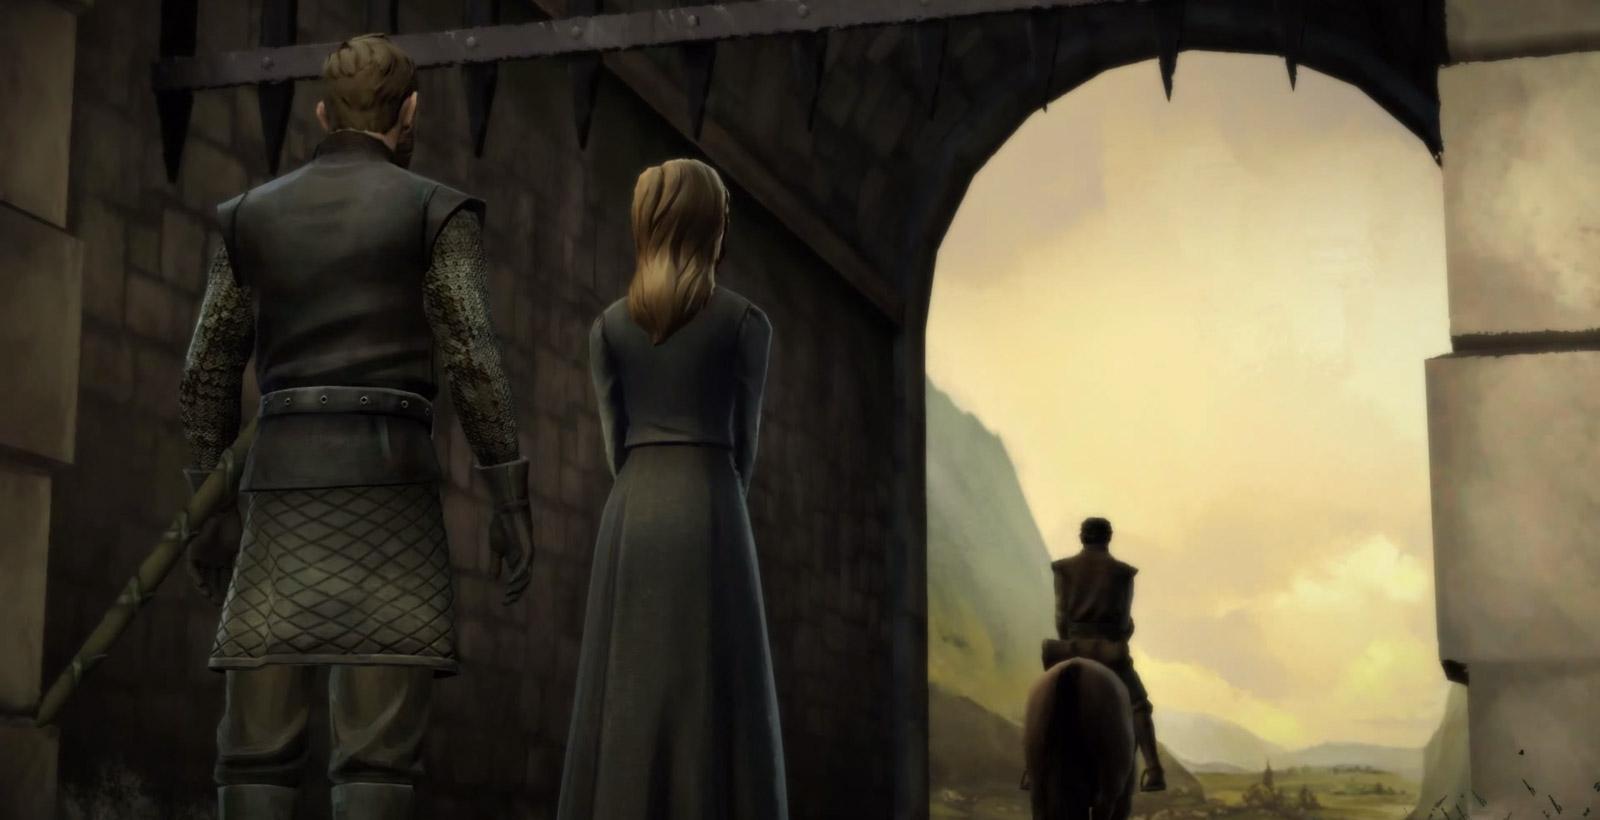 Le premier épisode de la série Game of Thrones: Iron from Ice (Image: Telltale Games).